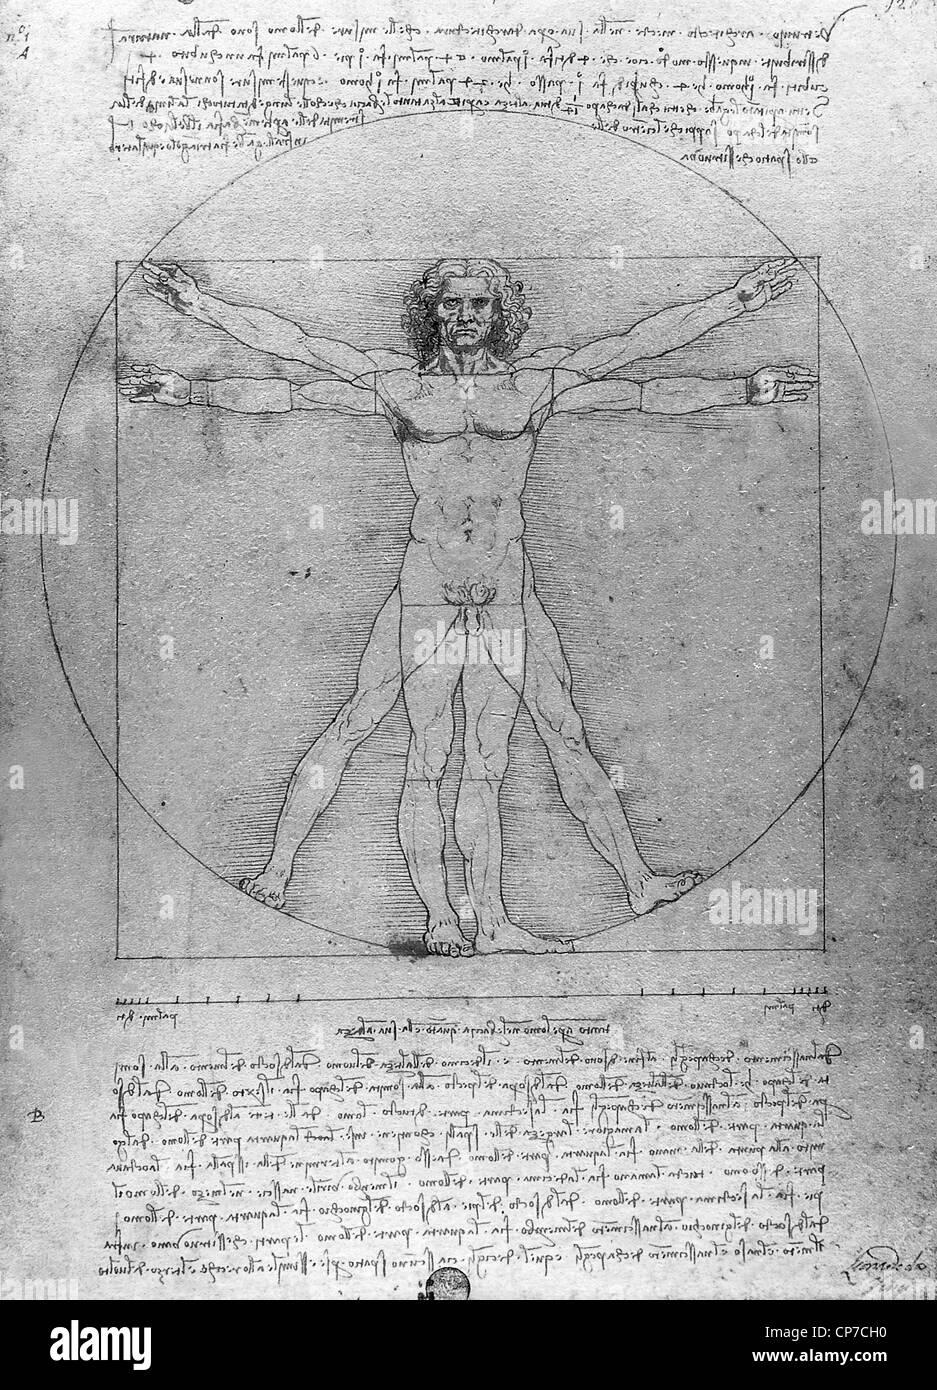 L'homme de Vitruve est un dessin de renommée mondiale créé par Léonard de Vinci vers 1487 Banque D'Images